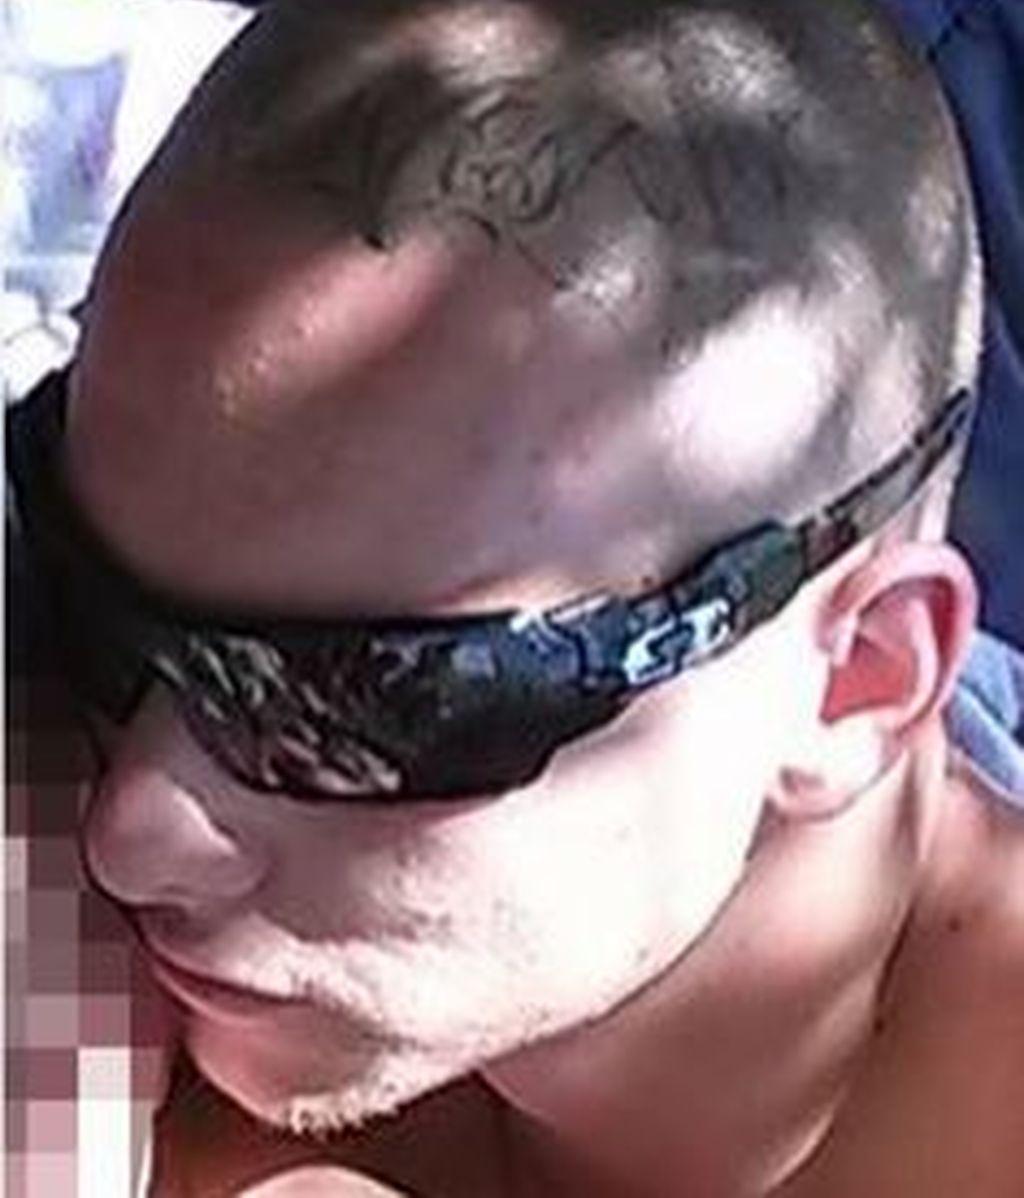 La primera foto del padre arrestado por golpear brutalmente a su hijo en un supermercado